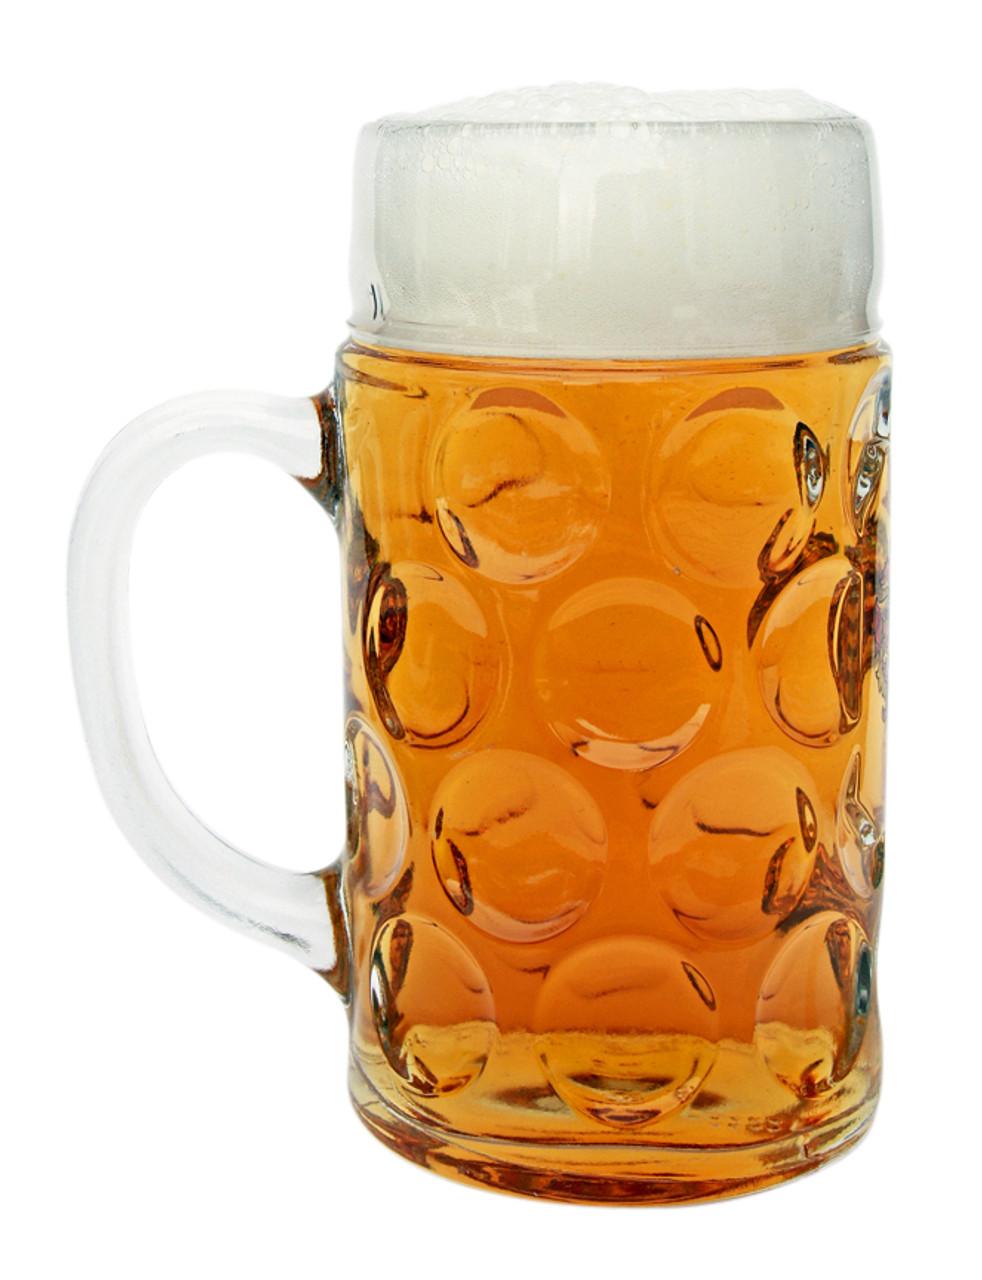 Custom Engraved 1 Liter Saarland German Beer Mug